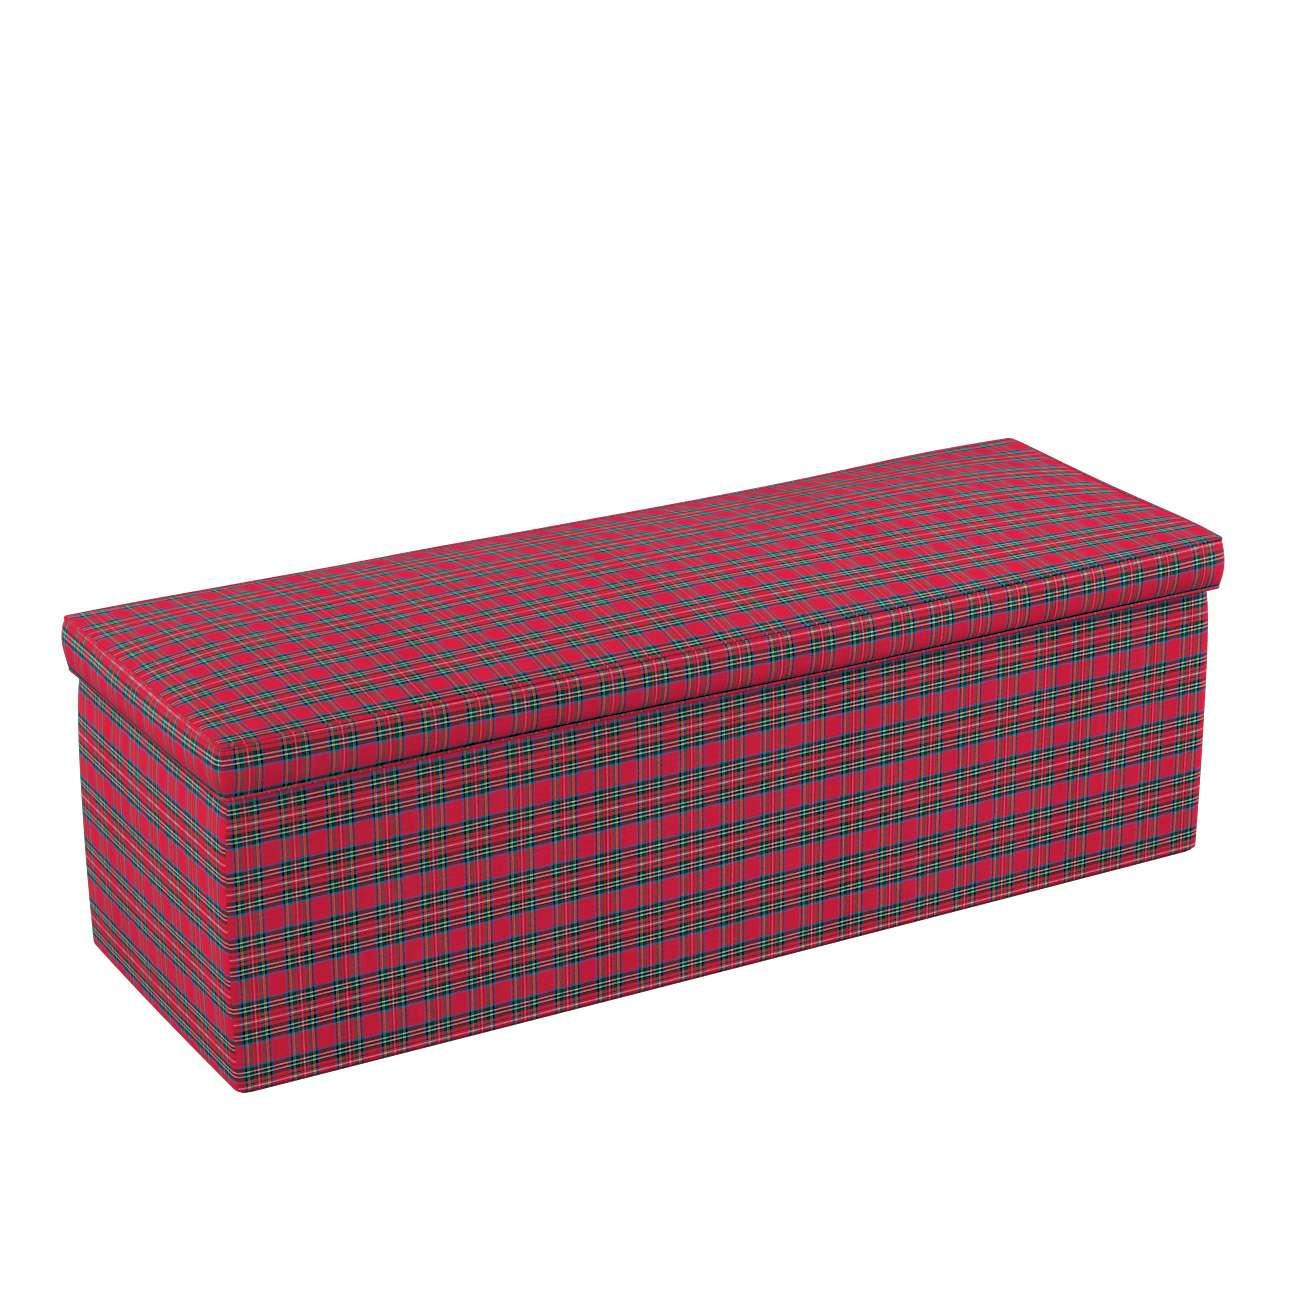 Čalouněná skříň s volbou látky - 2 velikosti v kolekci Bristol, látka: 126-29